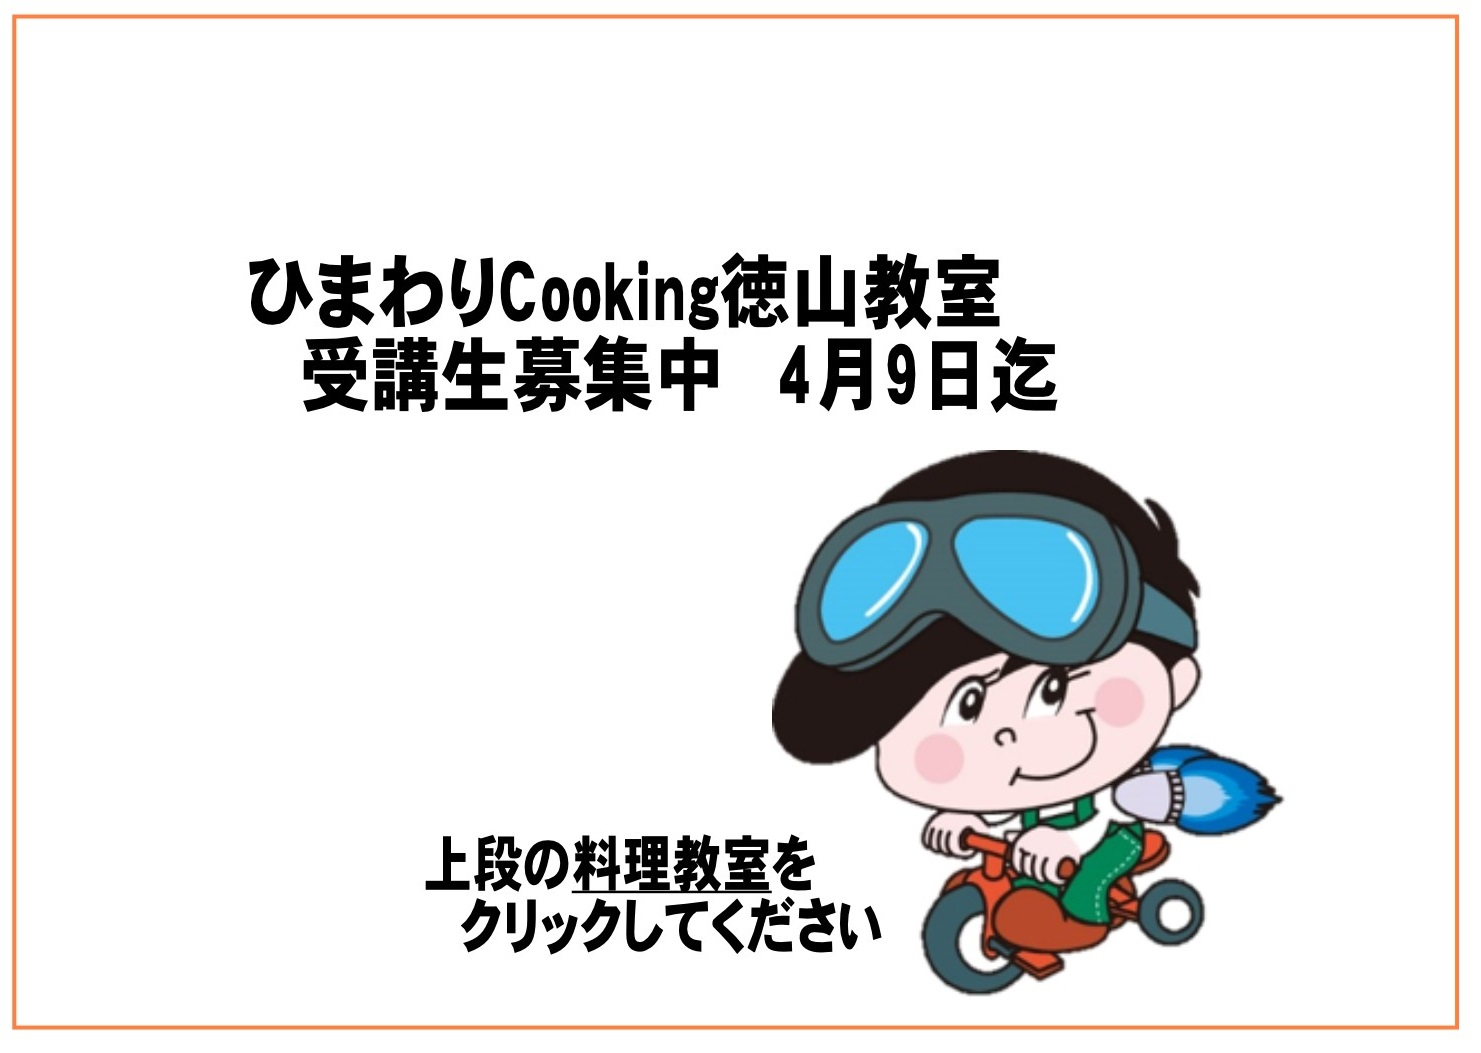 ひまわりCooking徳山教室  募集開始しました イメージ